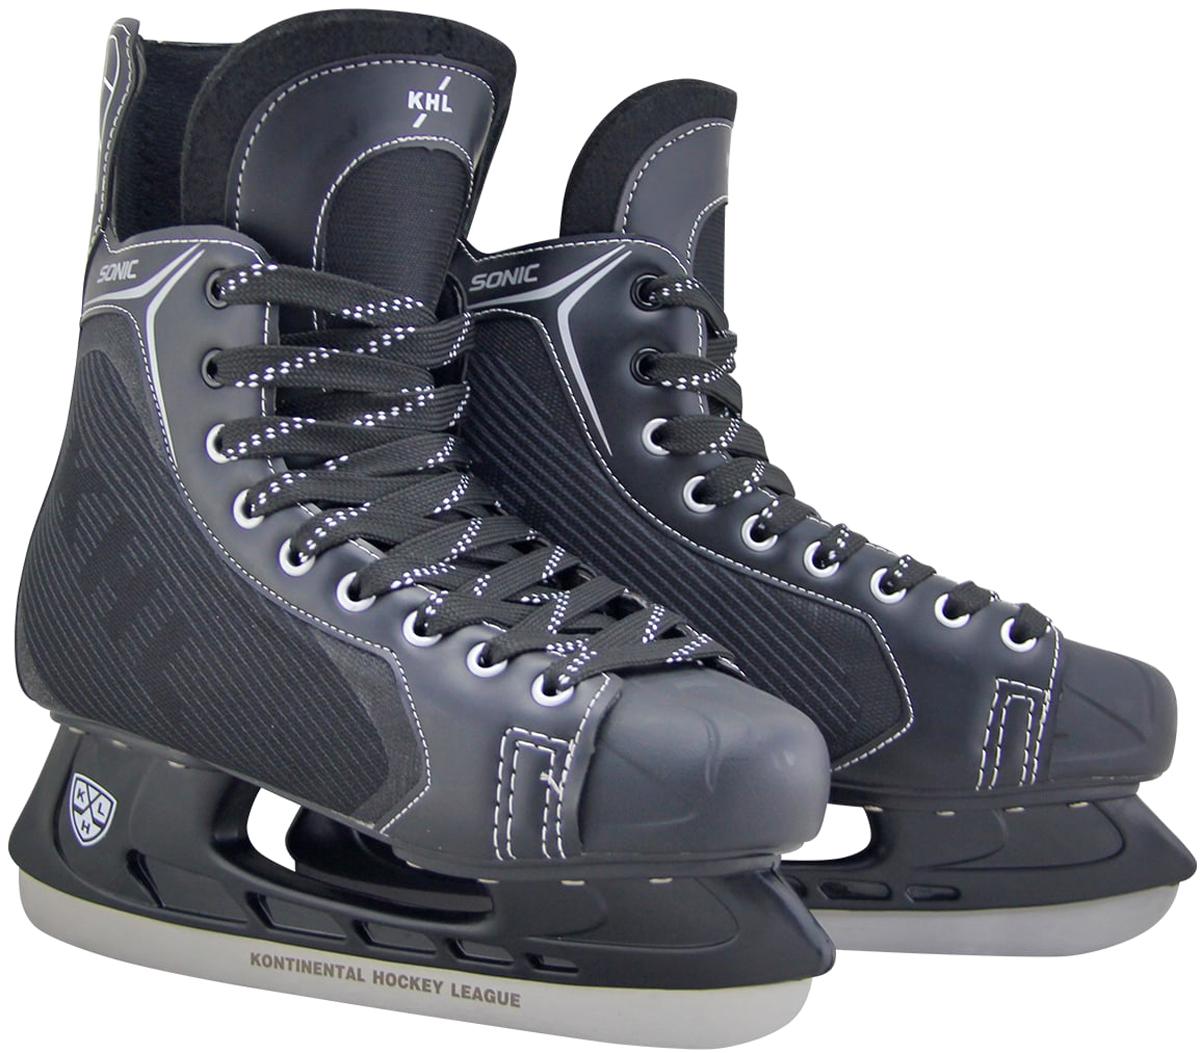 Коньки хоккейные мужские KHL Sonic, цвет: черный, серый, белый. Размер 45УТ-00010443Хоккейные коньки KHL Sonic являются официальной лицензионной продукцией Континентальной Хоккейной Лиги (КХЛ). Это прекрасная любительская модель коньков с уникальным стильным ассиметричным дизайном, выполненным в новой стилистической концепции КХЛ. Модель выполнена из износостойких материалов, устойчивых к порезам. Усиленная жесткость ботинка для более уверенного катания. Дополнительные вставки из EVA и MEMORY foam обеспечат комфорт. Лезвие выполнено из высокоуглеродистой стали с покрытием из никеля. Шнуровка надежно зафиксирует модель на ноге.Коньки подходят для использования на открытом и закрытом льду.